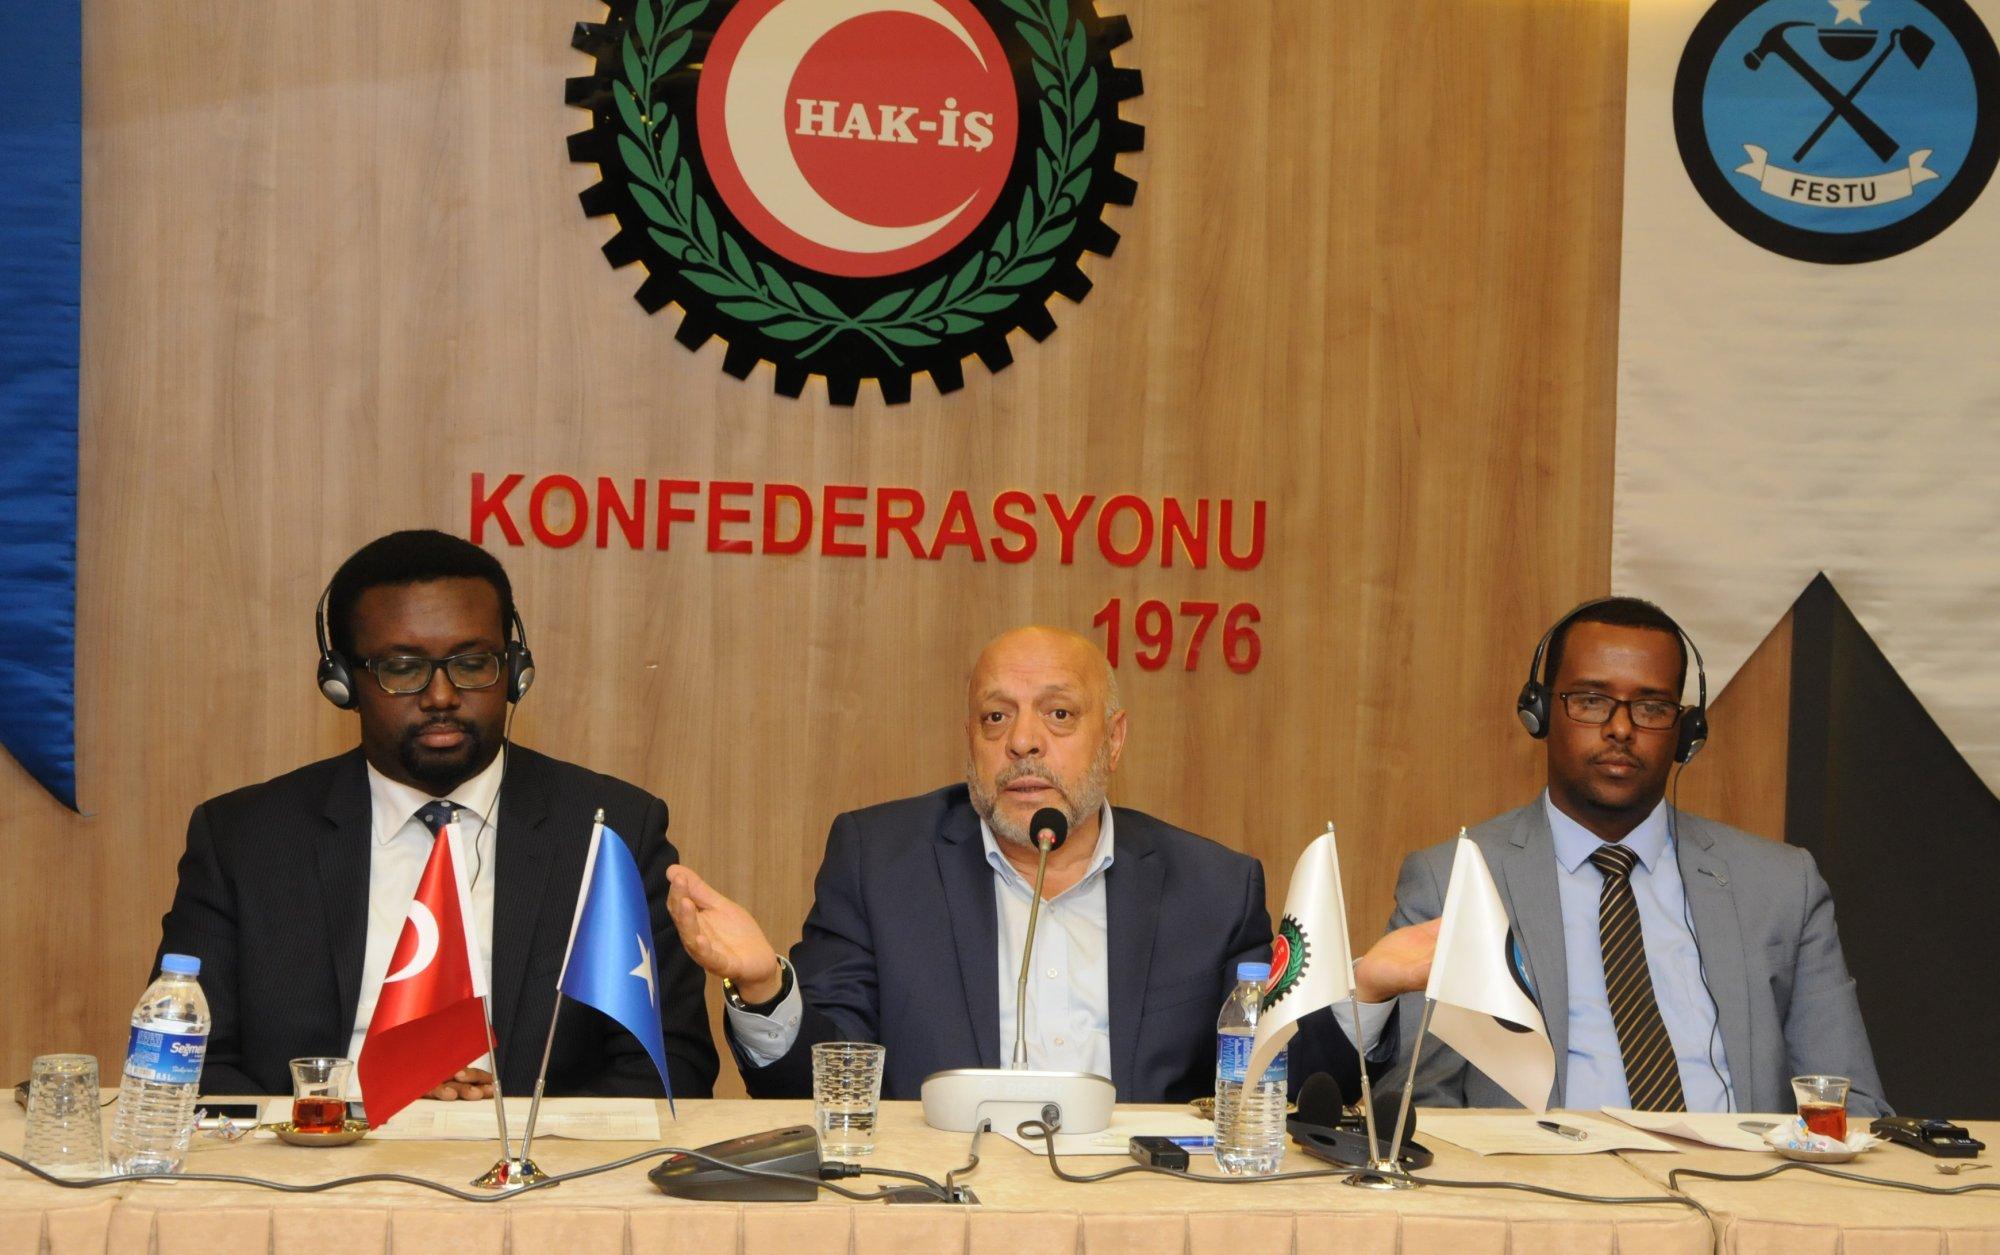 SOMALİ FESTU HEYETİNİ HAK-İŞ'TE AĞIRLADIK